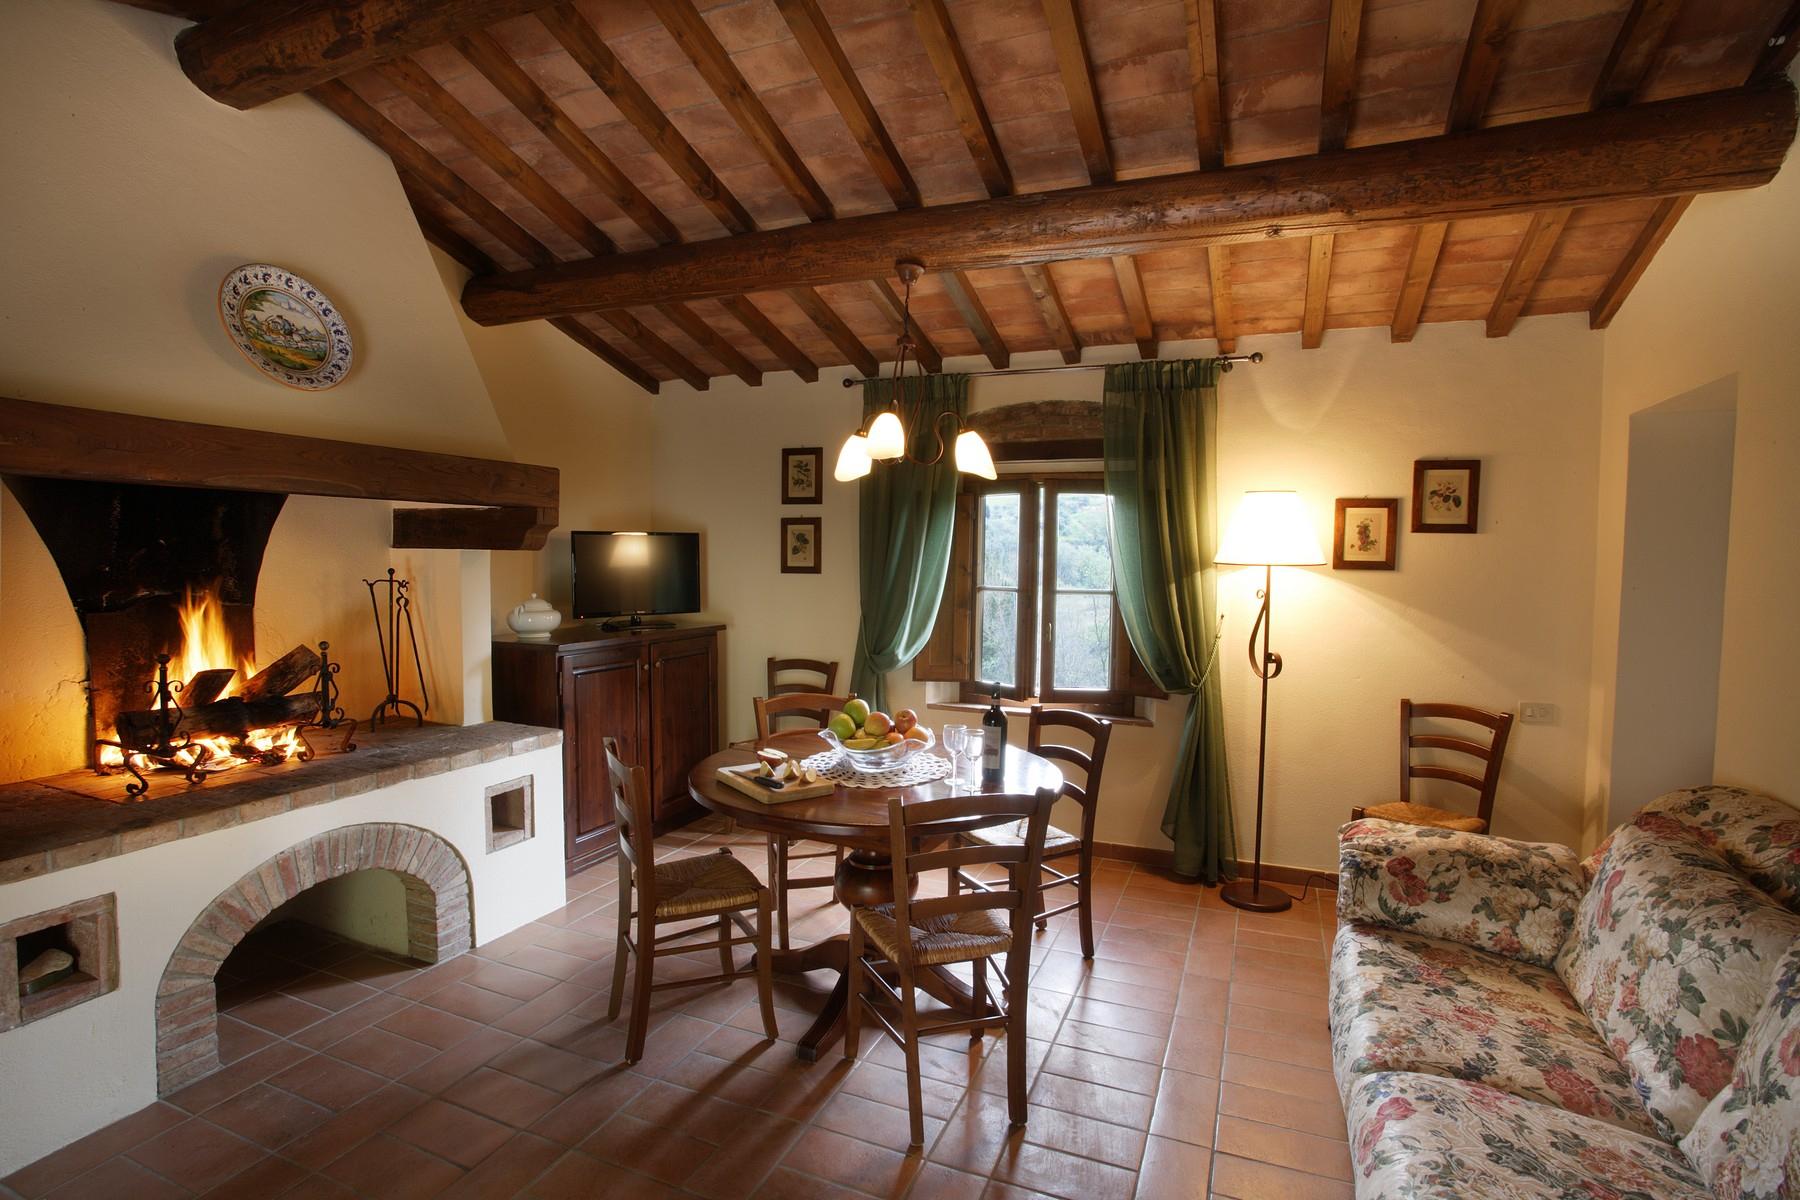 Rustico in Vendita a Montaione: 5 locali, 1200 mq - Foto 10